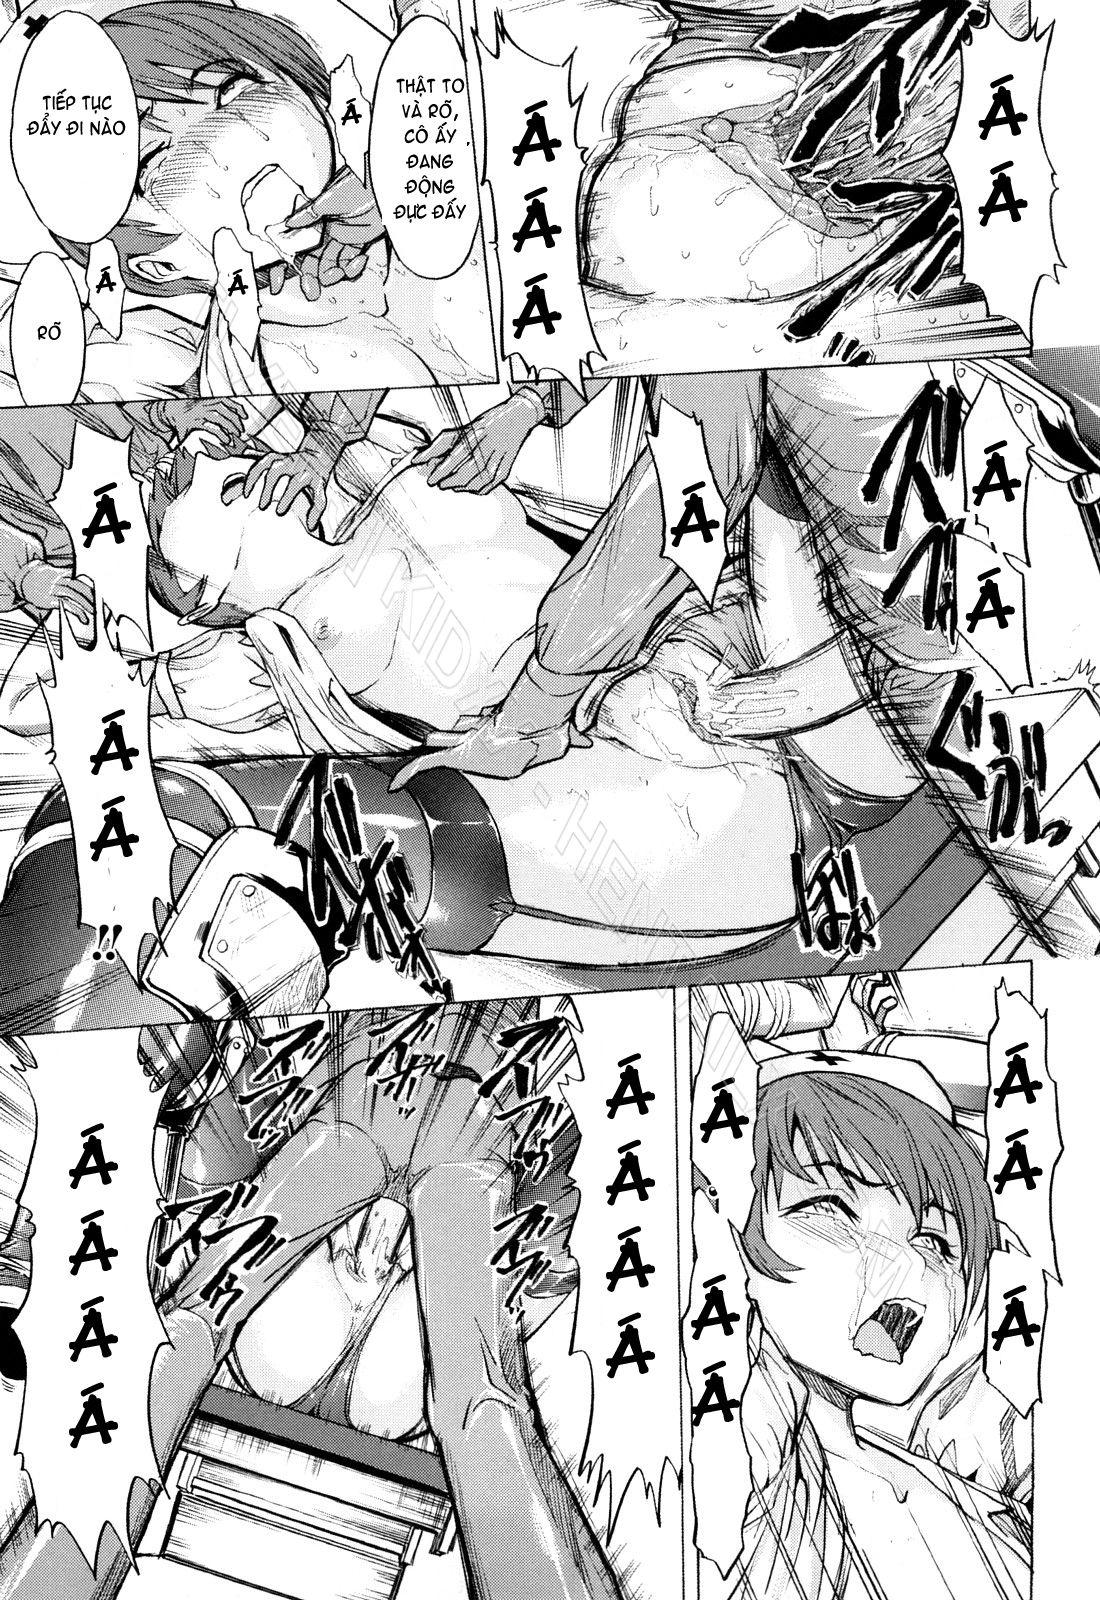 Hình ảnh historically lame www.hentairules.net 049 in Phang nát bướm em đi